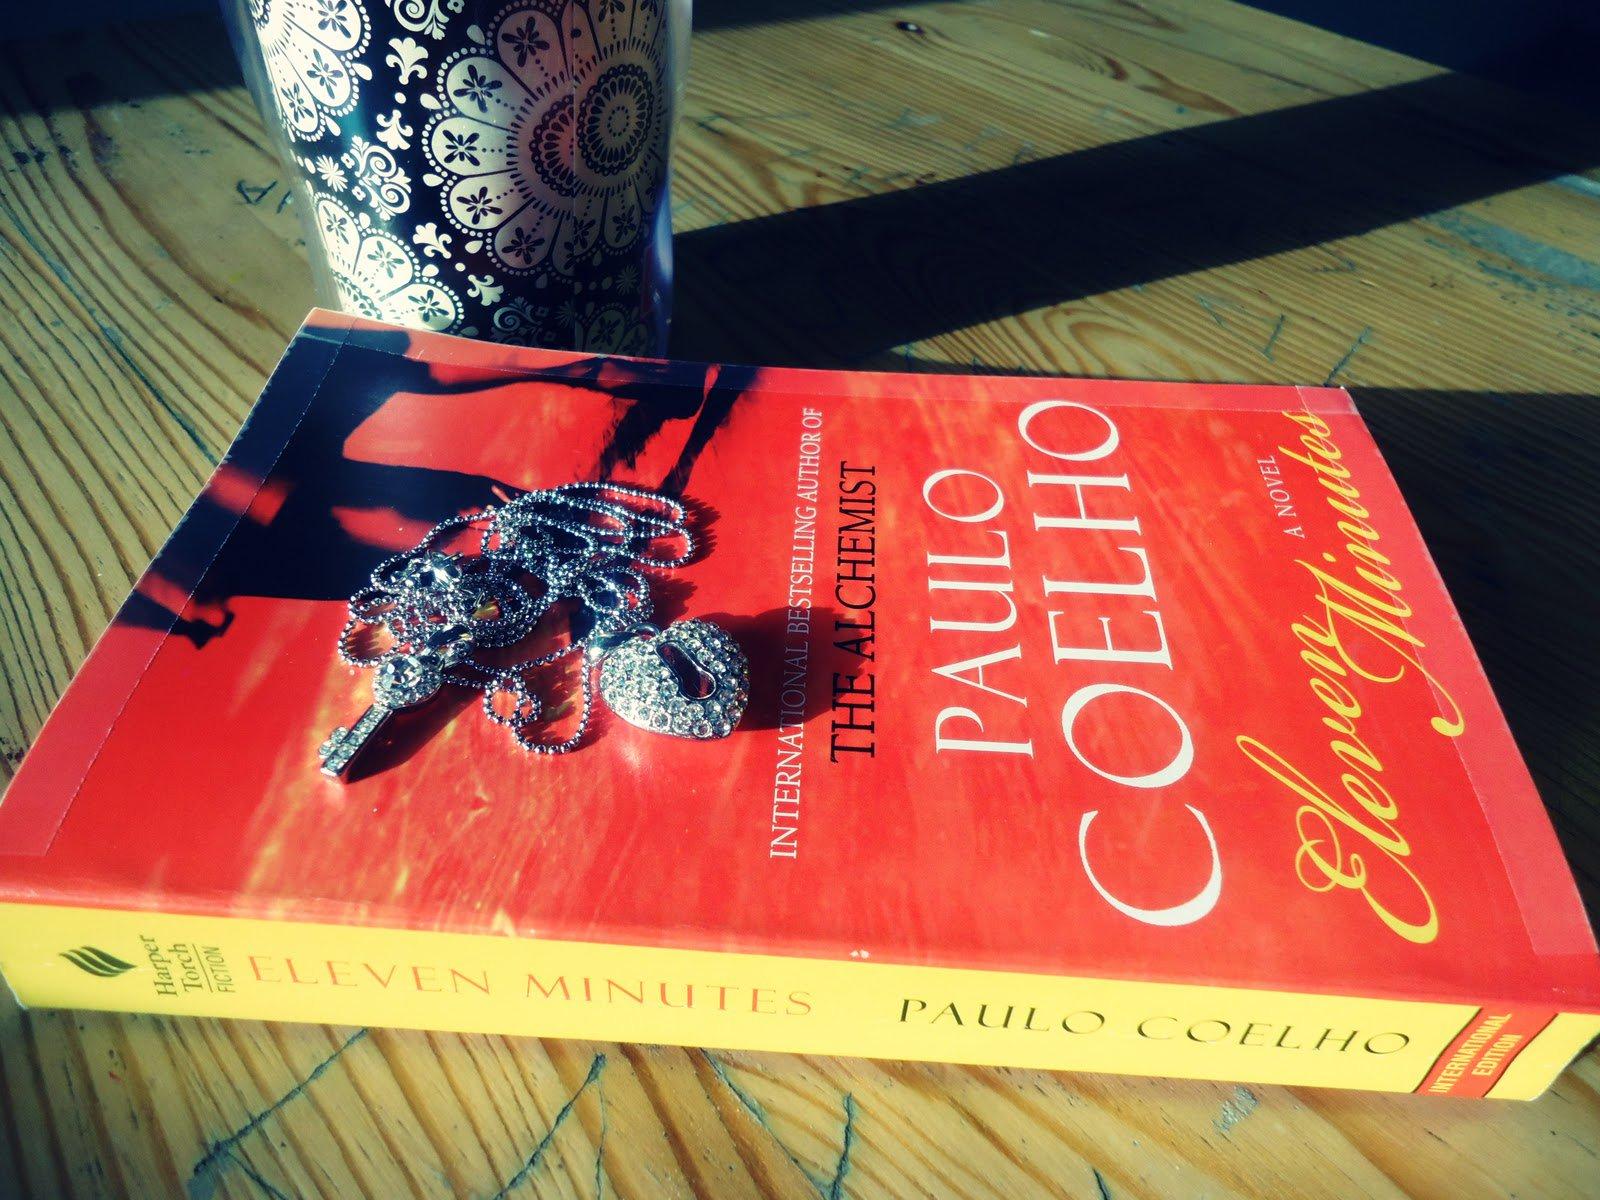 Paulo Coelho - Eleven Minutes book, bestseller